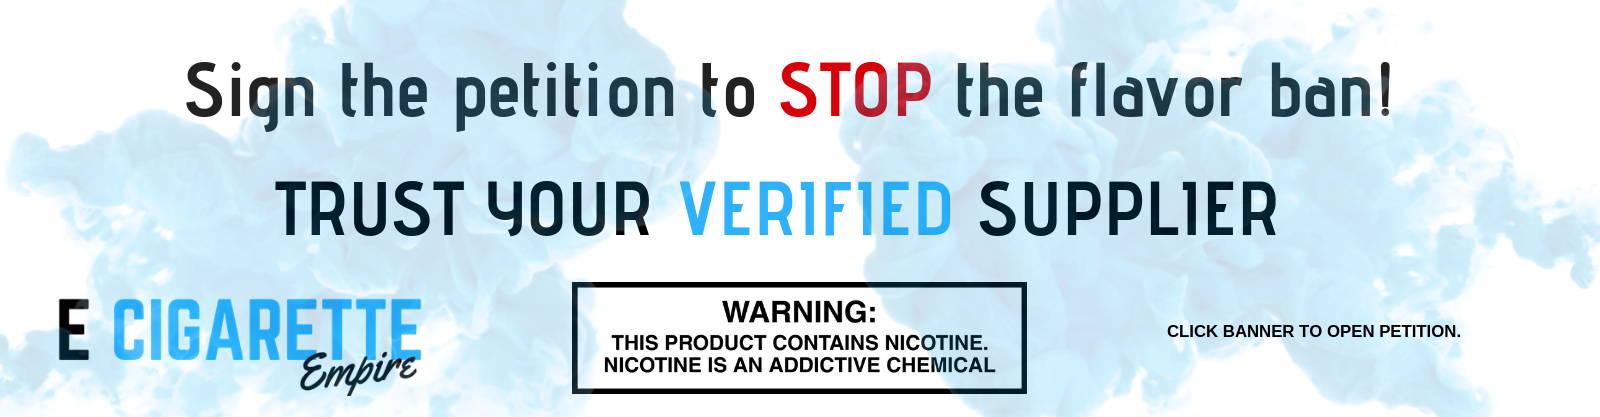 Say no to Vaping Ban!